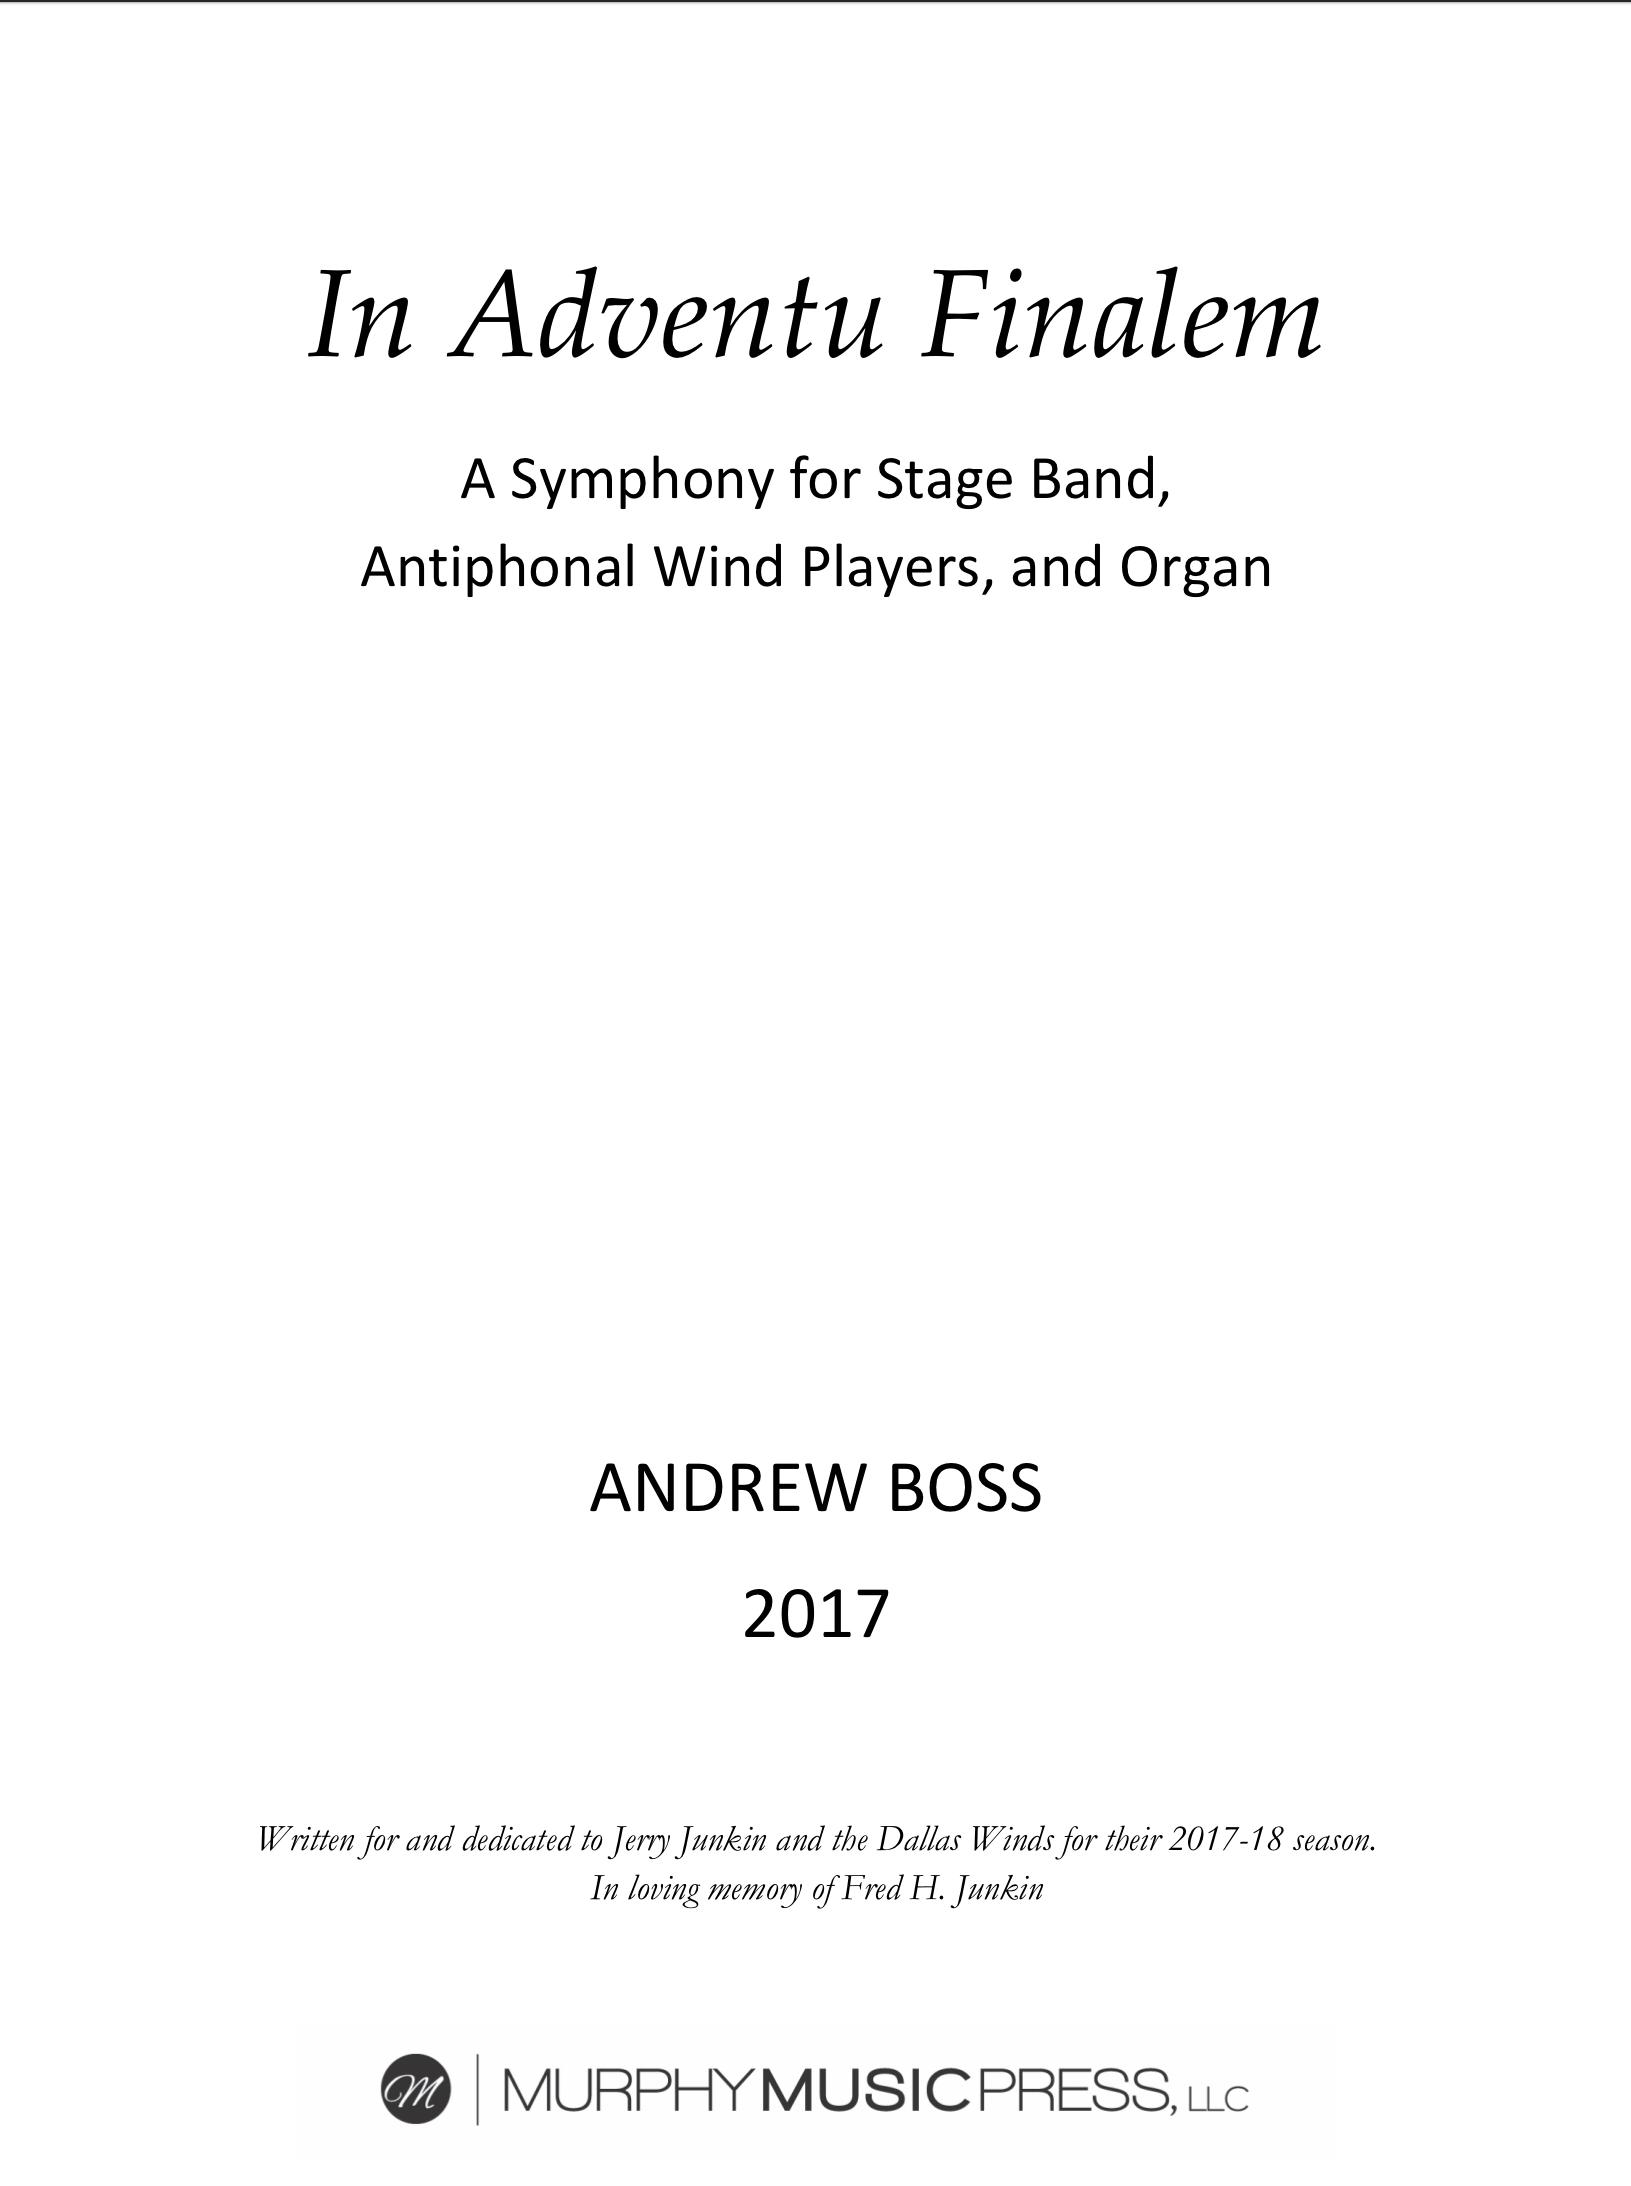 In Adventu Finalem (Study Score Only) by Andrew Boss